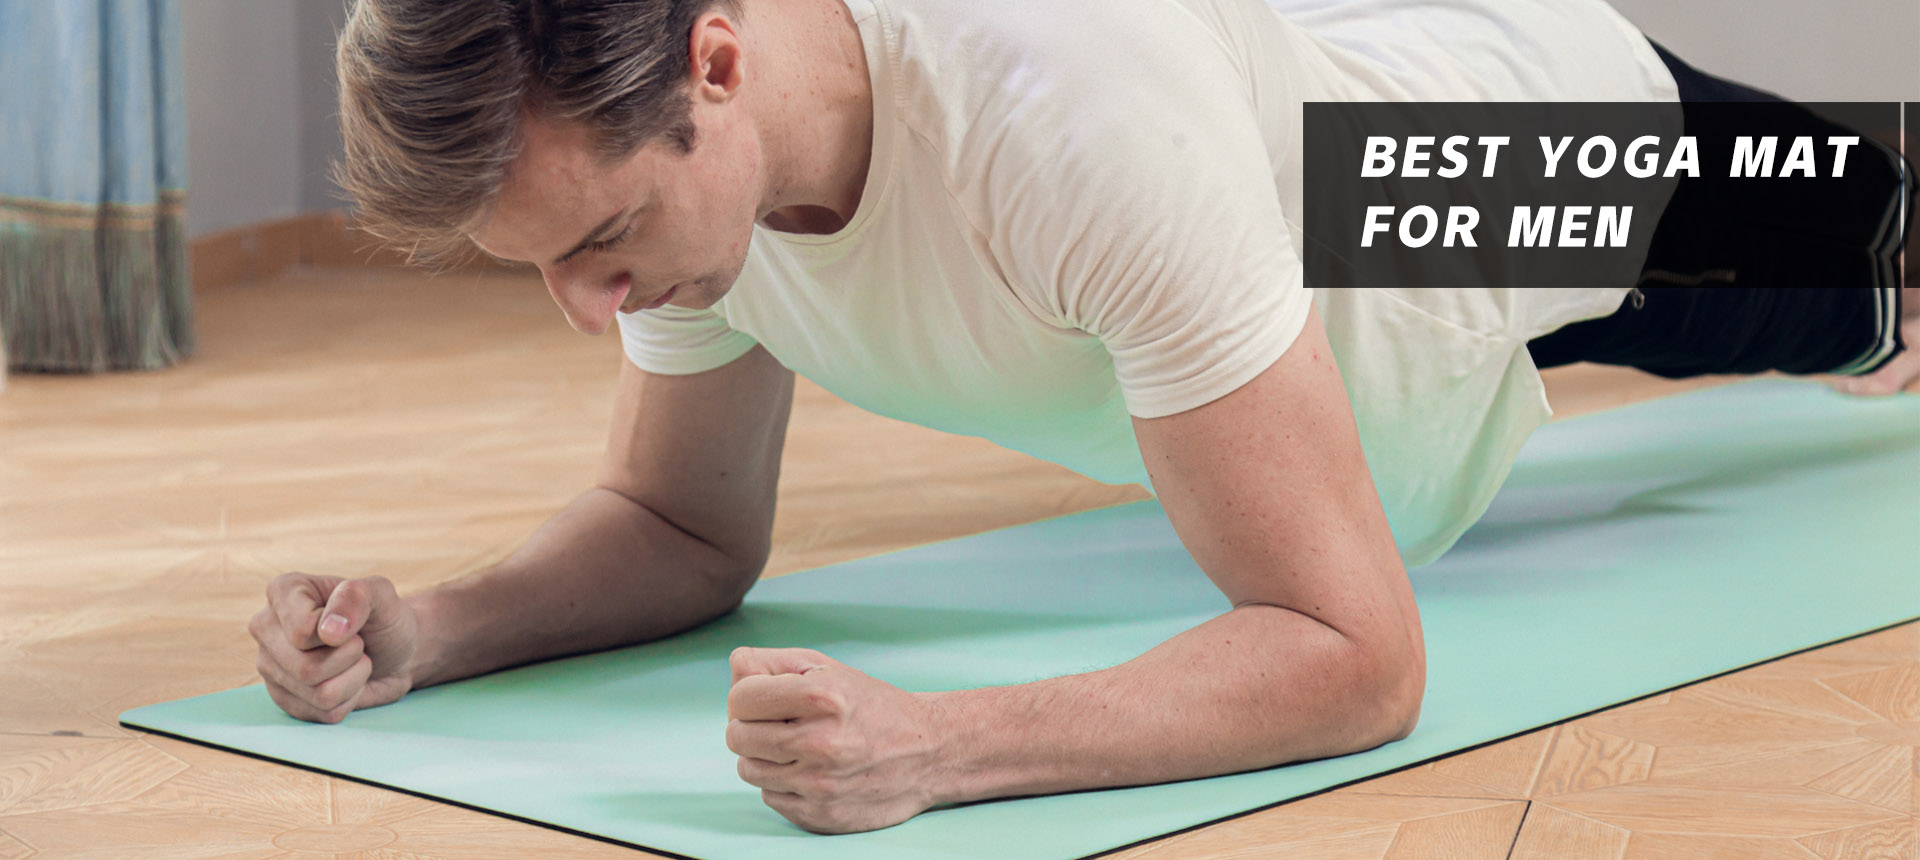 Best Yoga Mat for Men